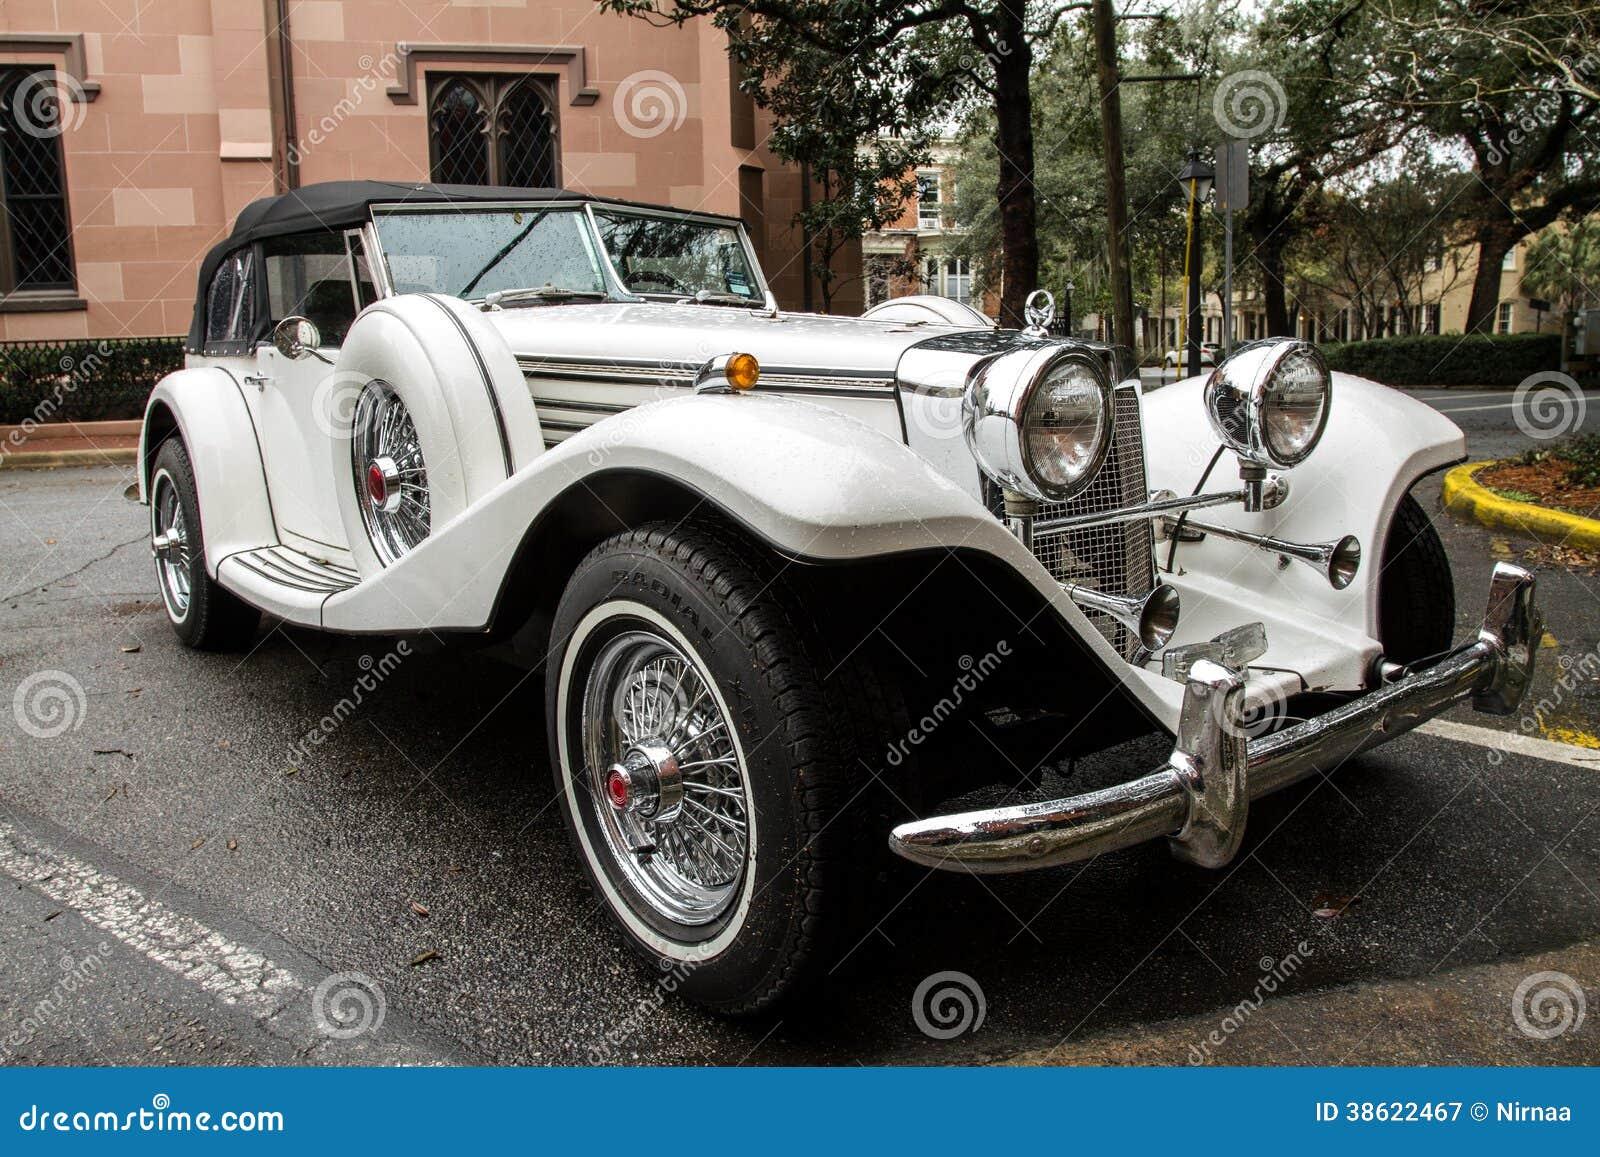 Antique classic luxury sports car.